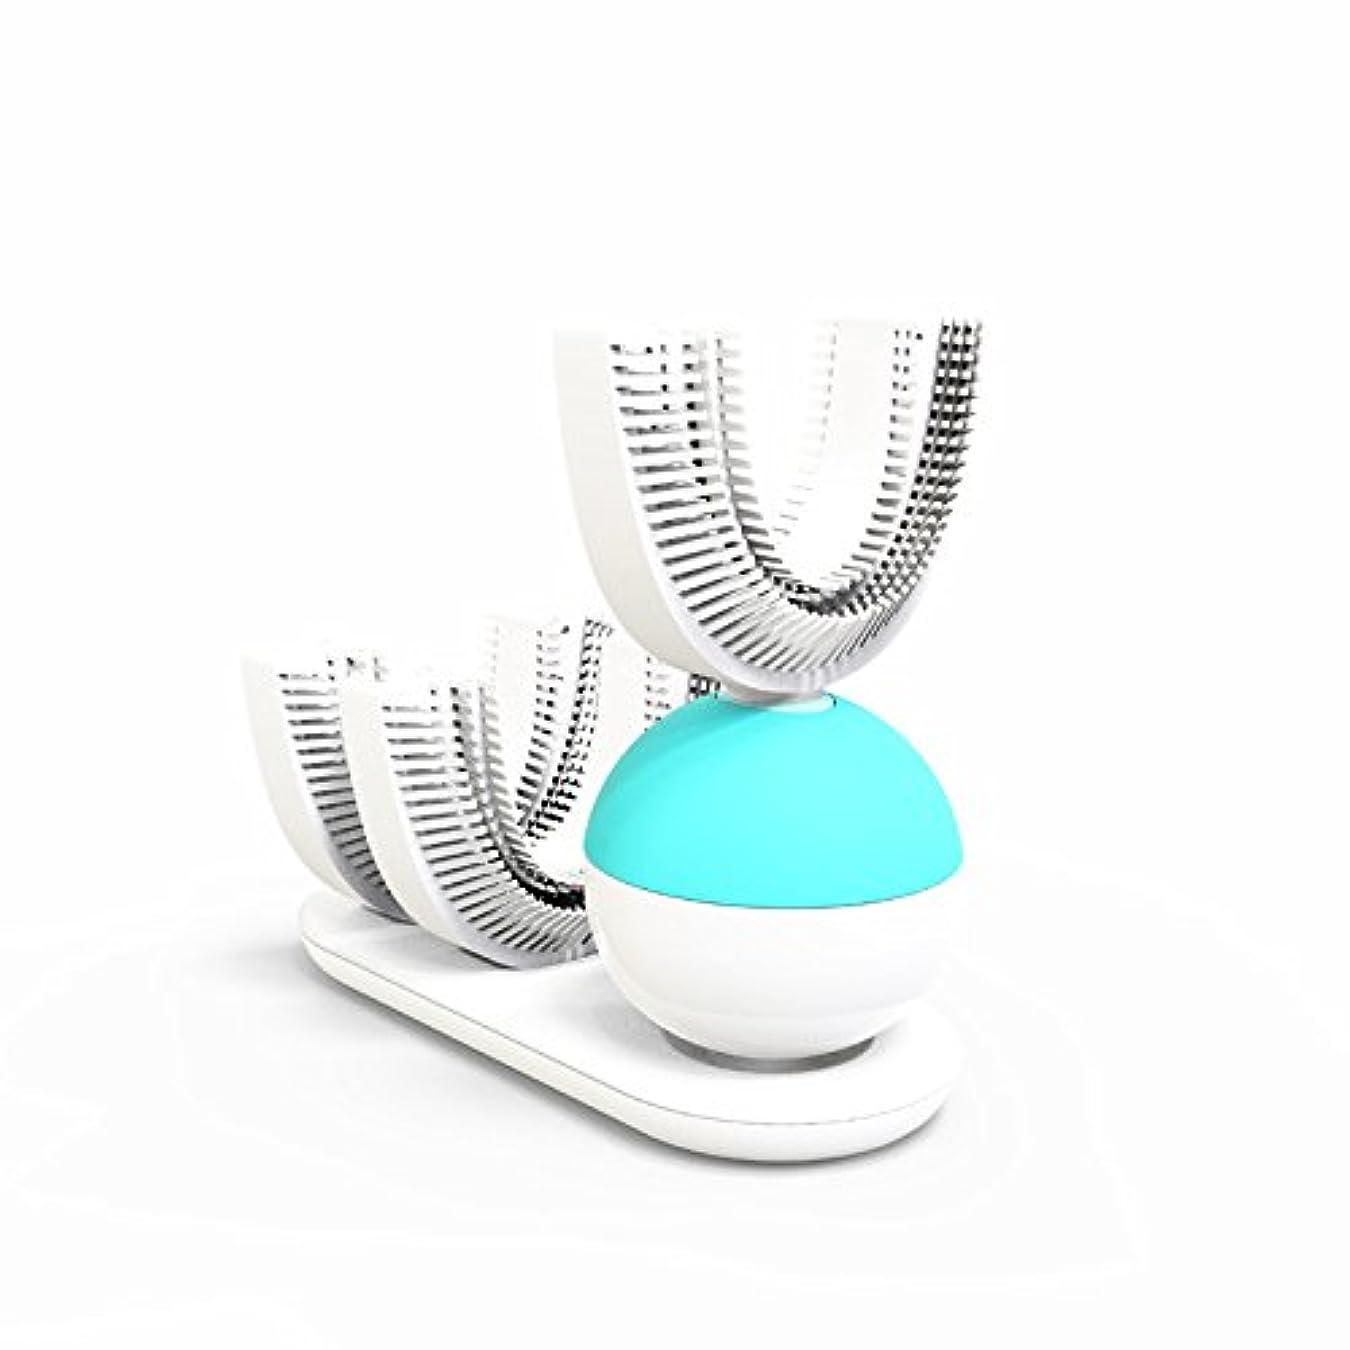 青写真いじめっ子カートリッジ怠け者牙刷-電動 U型 超音波 専門370°全方位 自動歯ブラシ ワイヤレス充電 成人 怠け者 ユニークなU字型のマウスピース わずか10秒で歯磨き 自動バブル 2本の歯ブラシヘッド付き あなたの手を解放 磁気吸引接続 (ライトブルー)